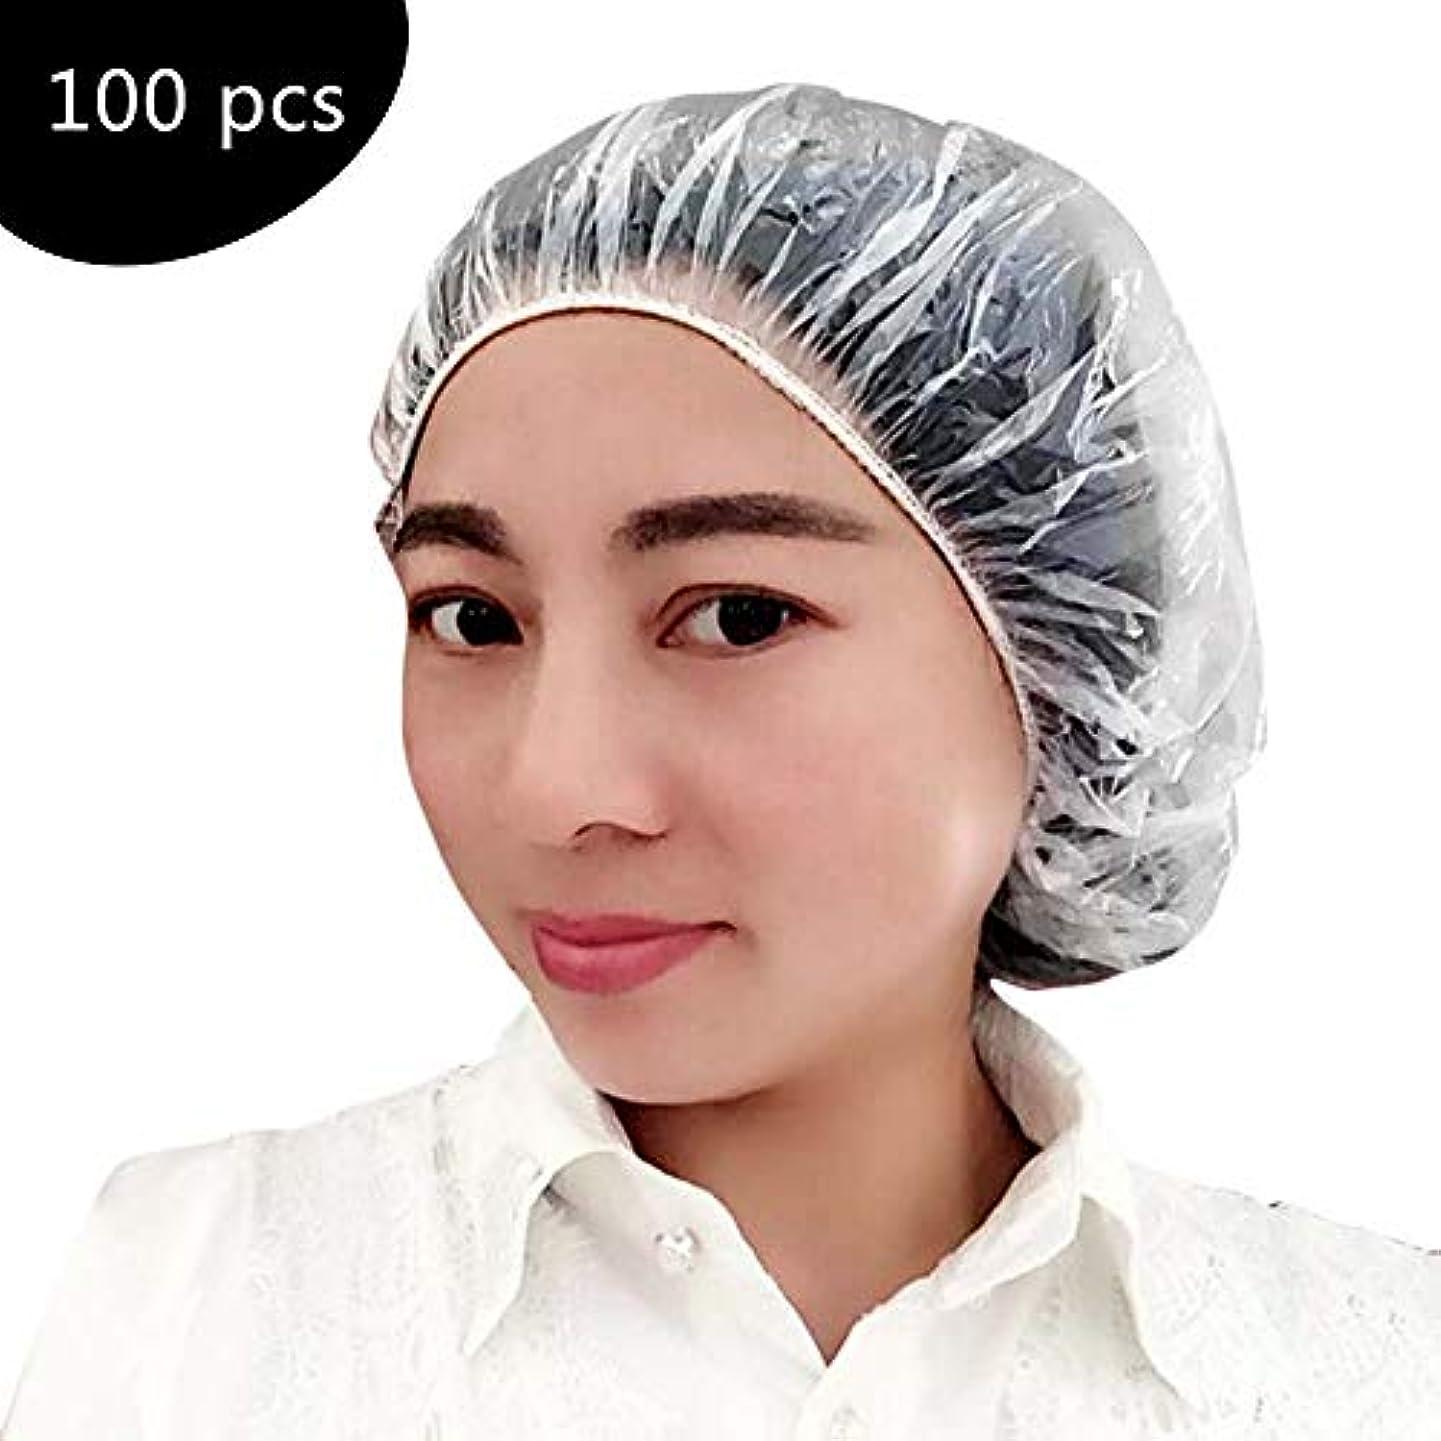 厳祭り正規化シャワーキャップ ヘアキャップ 使い捨てキャップ ヘアカバー ヘアーパック イージーキャップ 浴用帽子 シャワー用 高品質 髪染め用 フリーサイズ 男女兼用 100入り